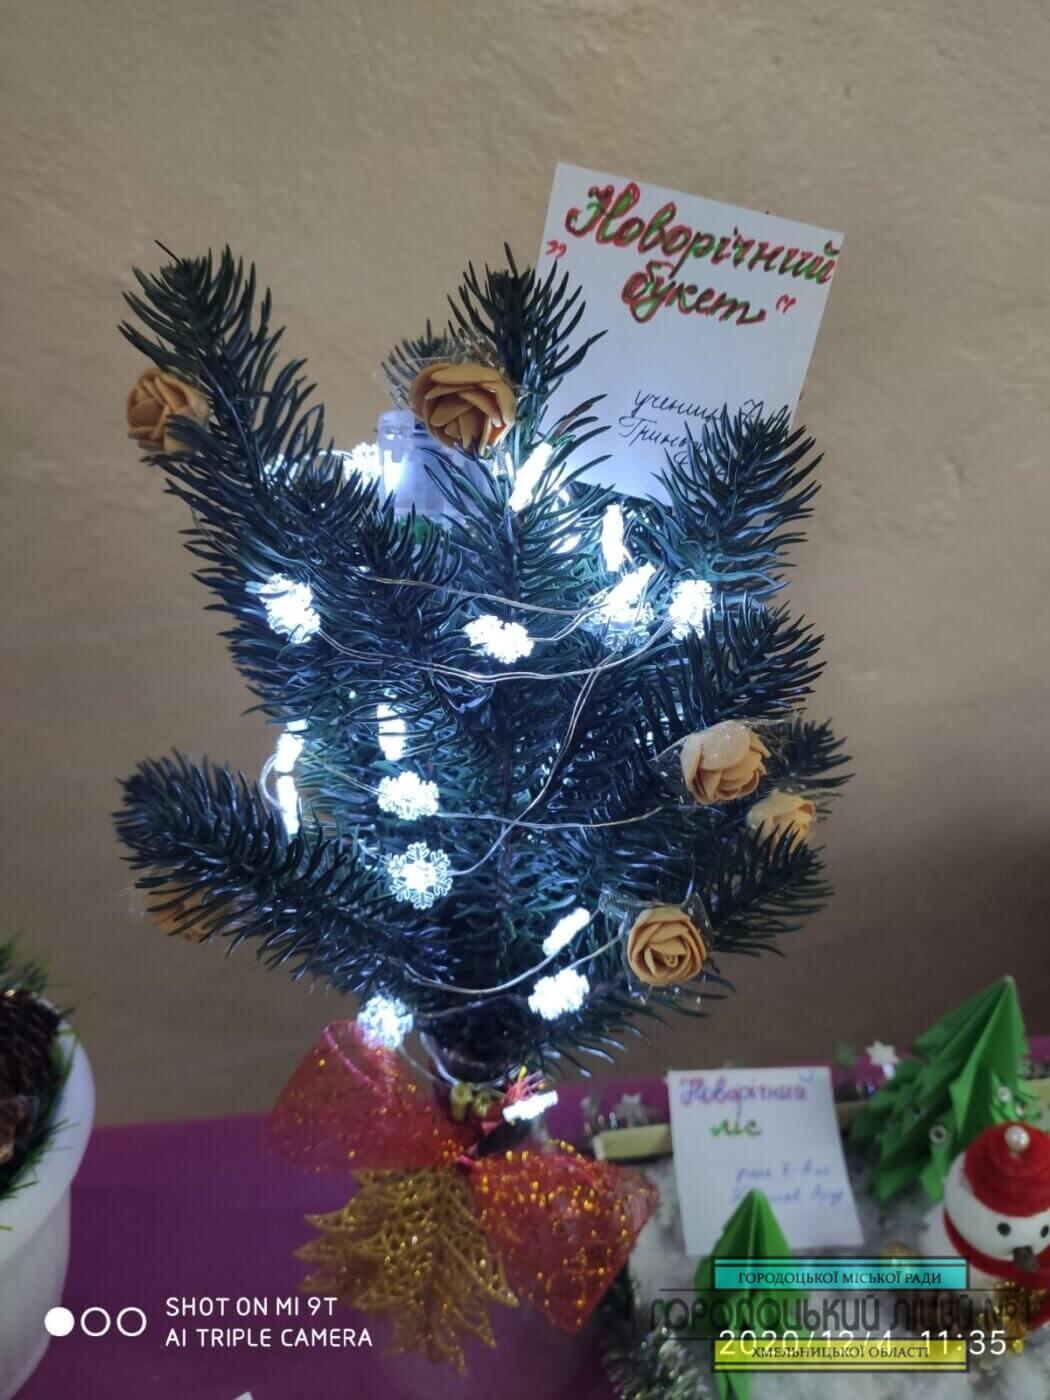 zobrazhennya viber 2020 12 04 21 25 45 1050x1400 - Замість ялинки - новорічна композиція